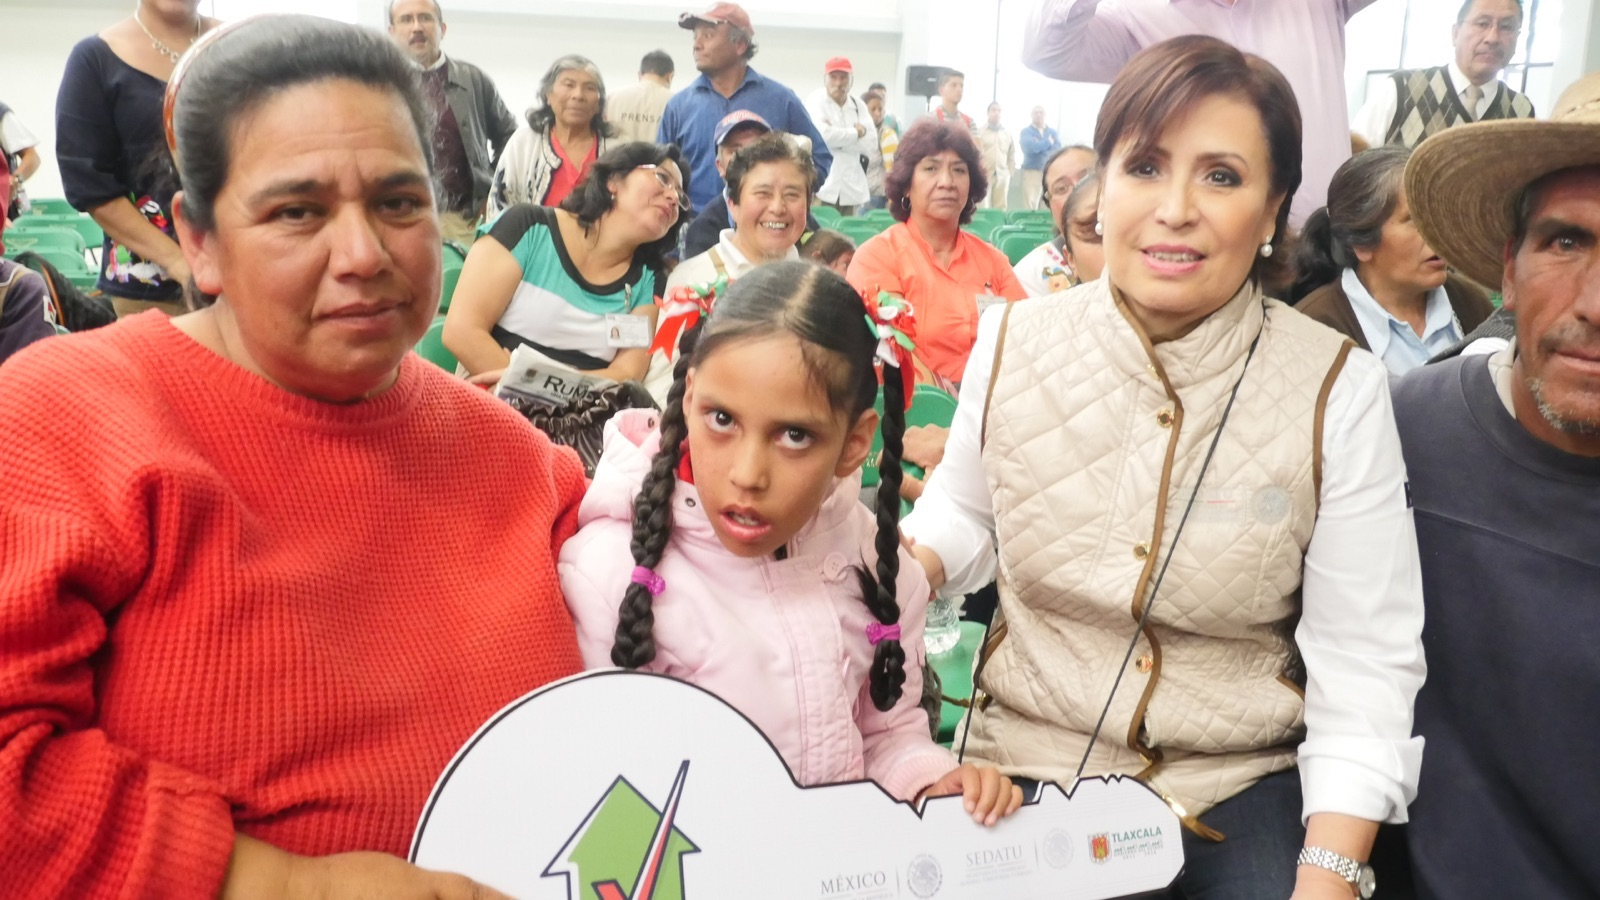 La titular de SEDATU, Rosario Robles, entregando simbólicamente a niñas, niños y mujeres con discapacidad las llaves de su nueva vivienda acondicionada especialmente para cubrir sus necesidades especiales.